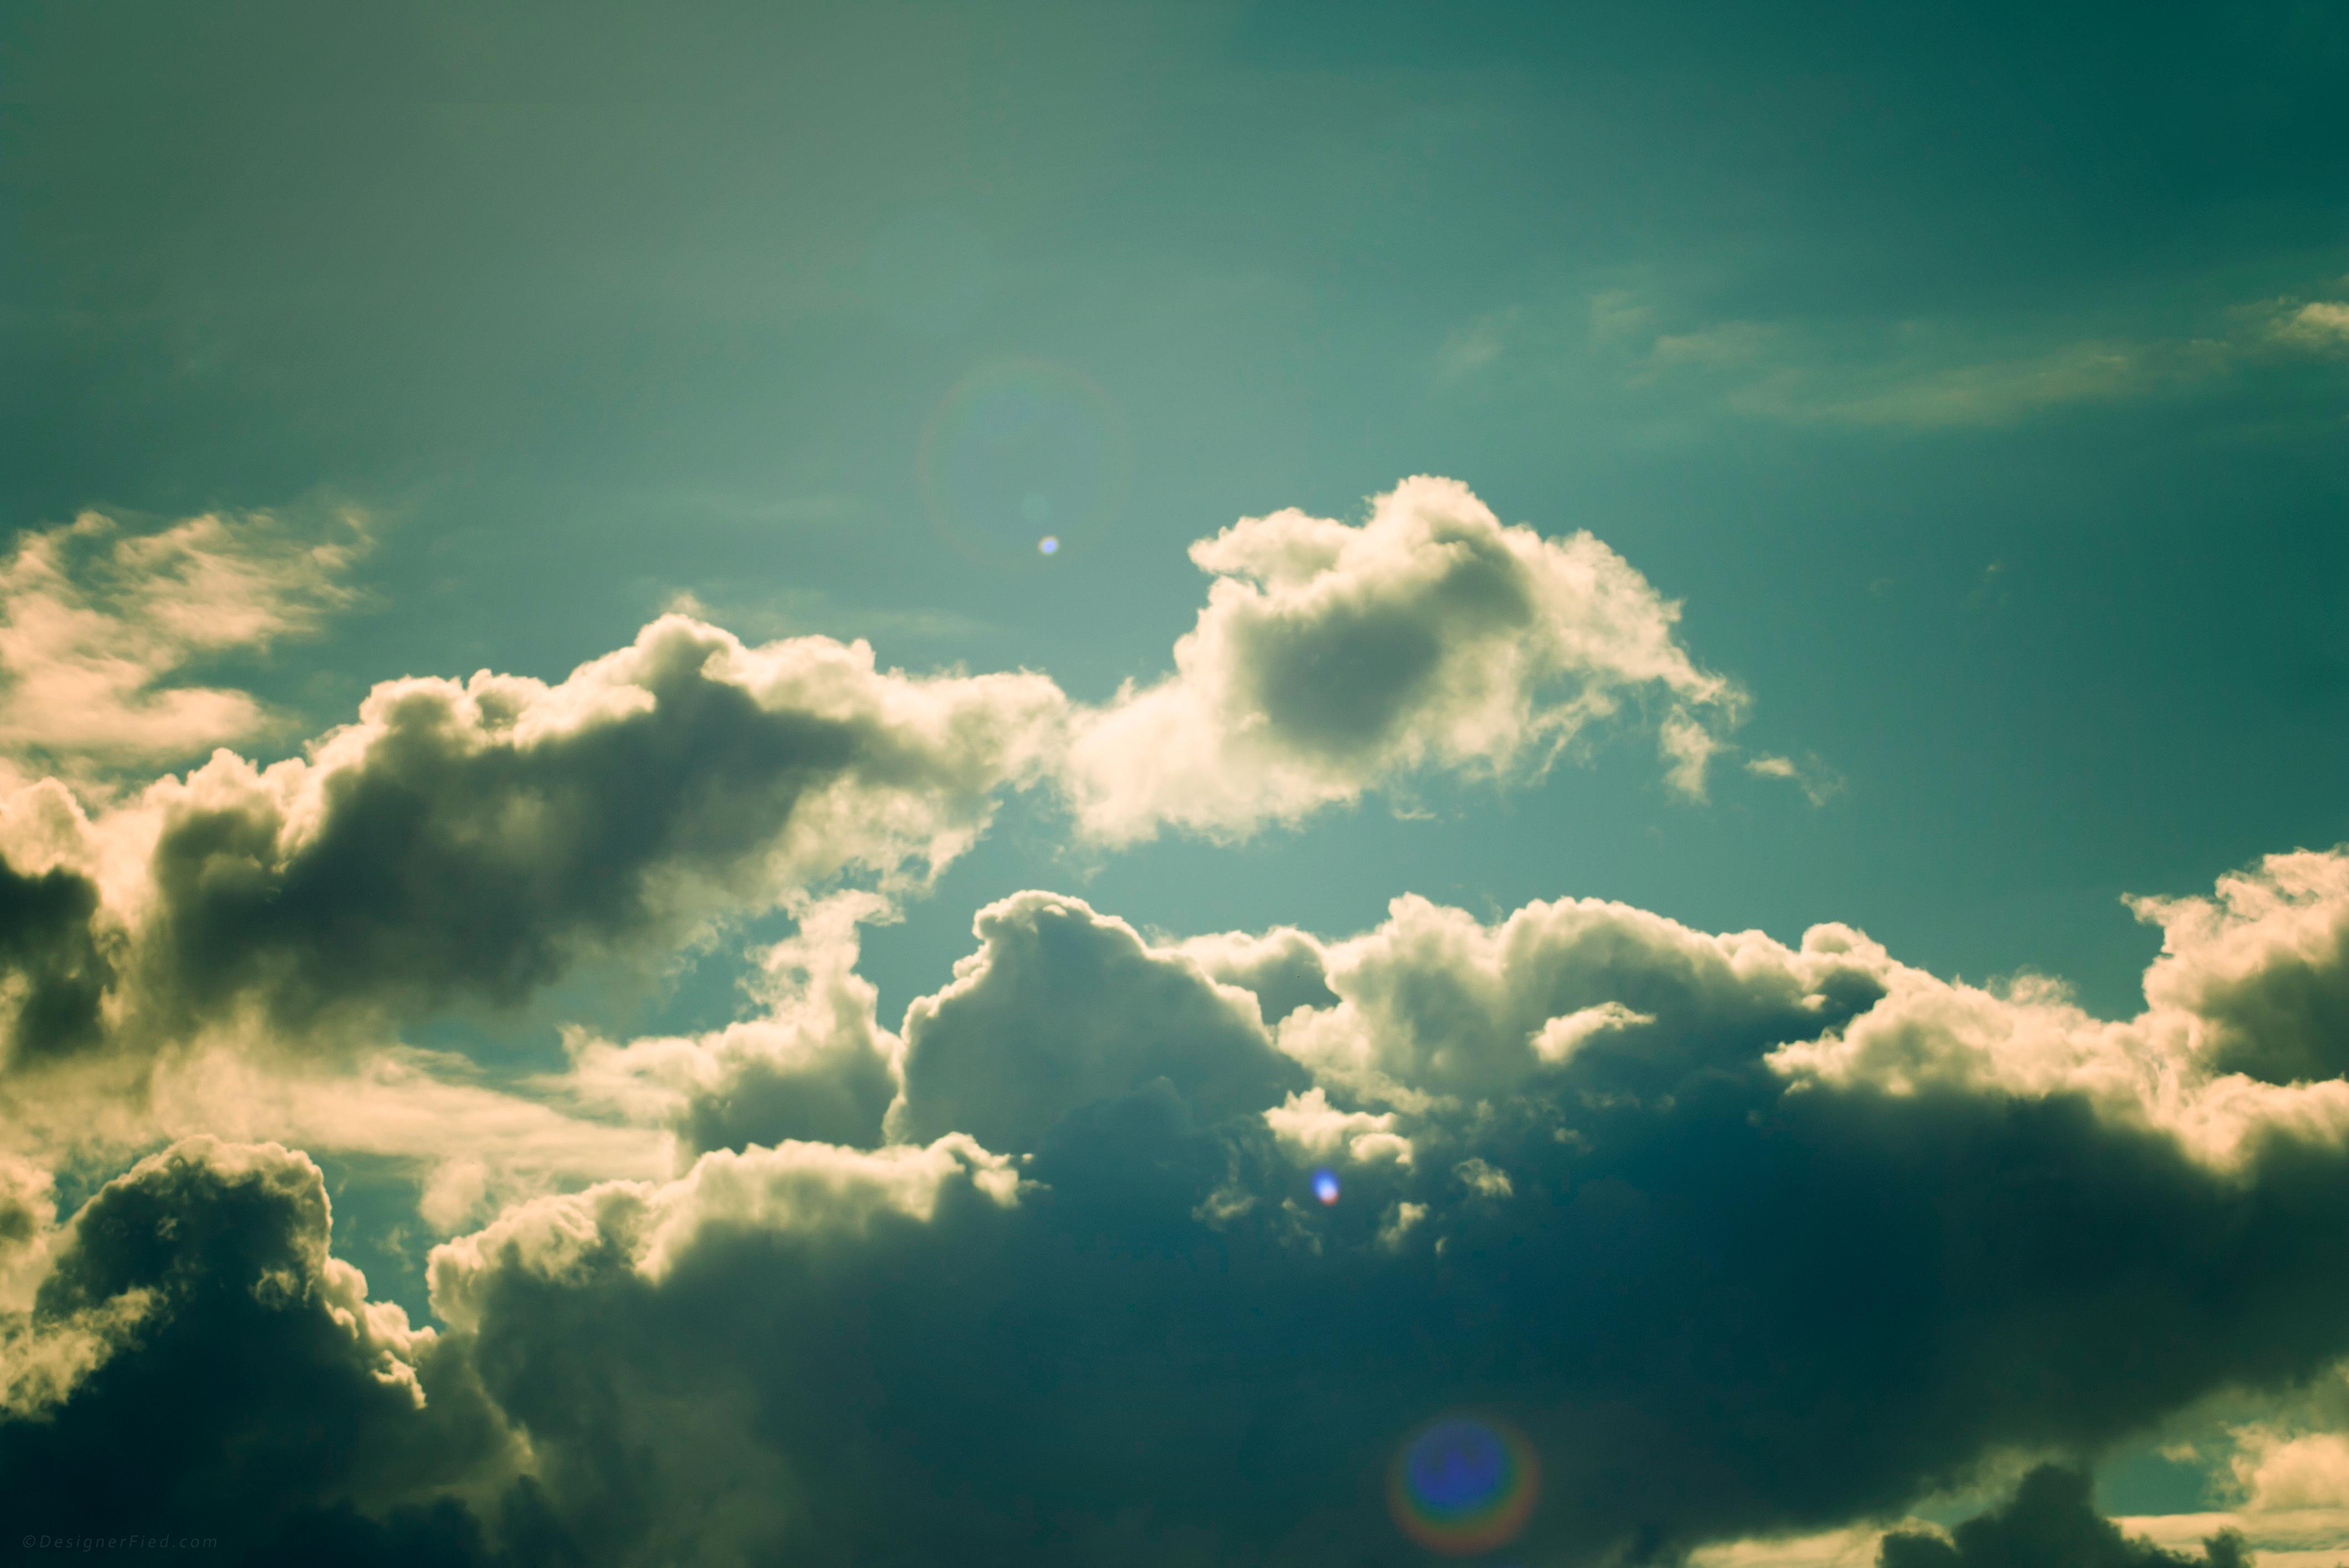 Beautiful Summer Clouds Wallpaper – DesignerFied.com